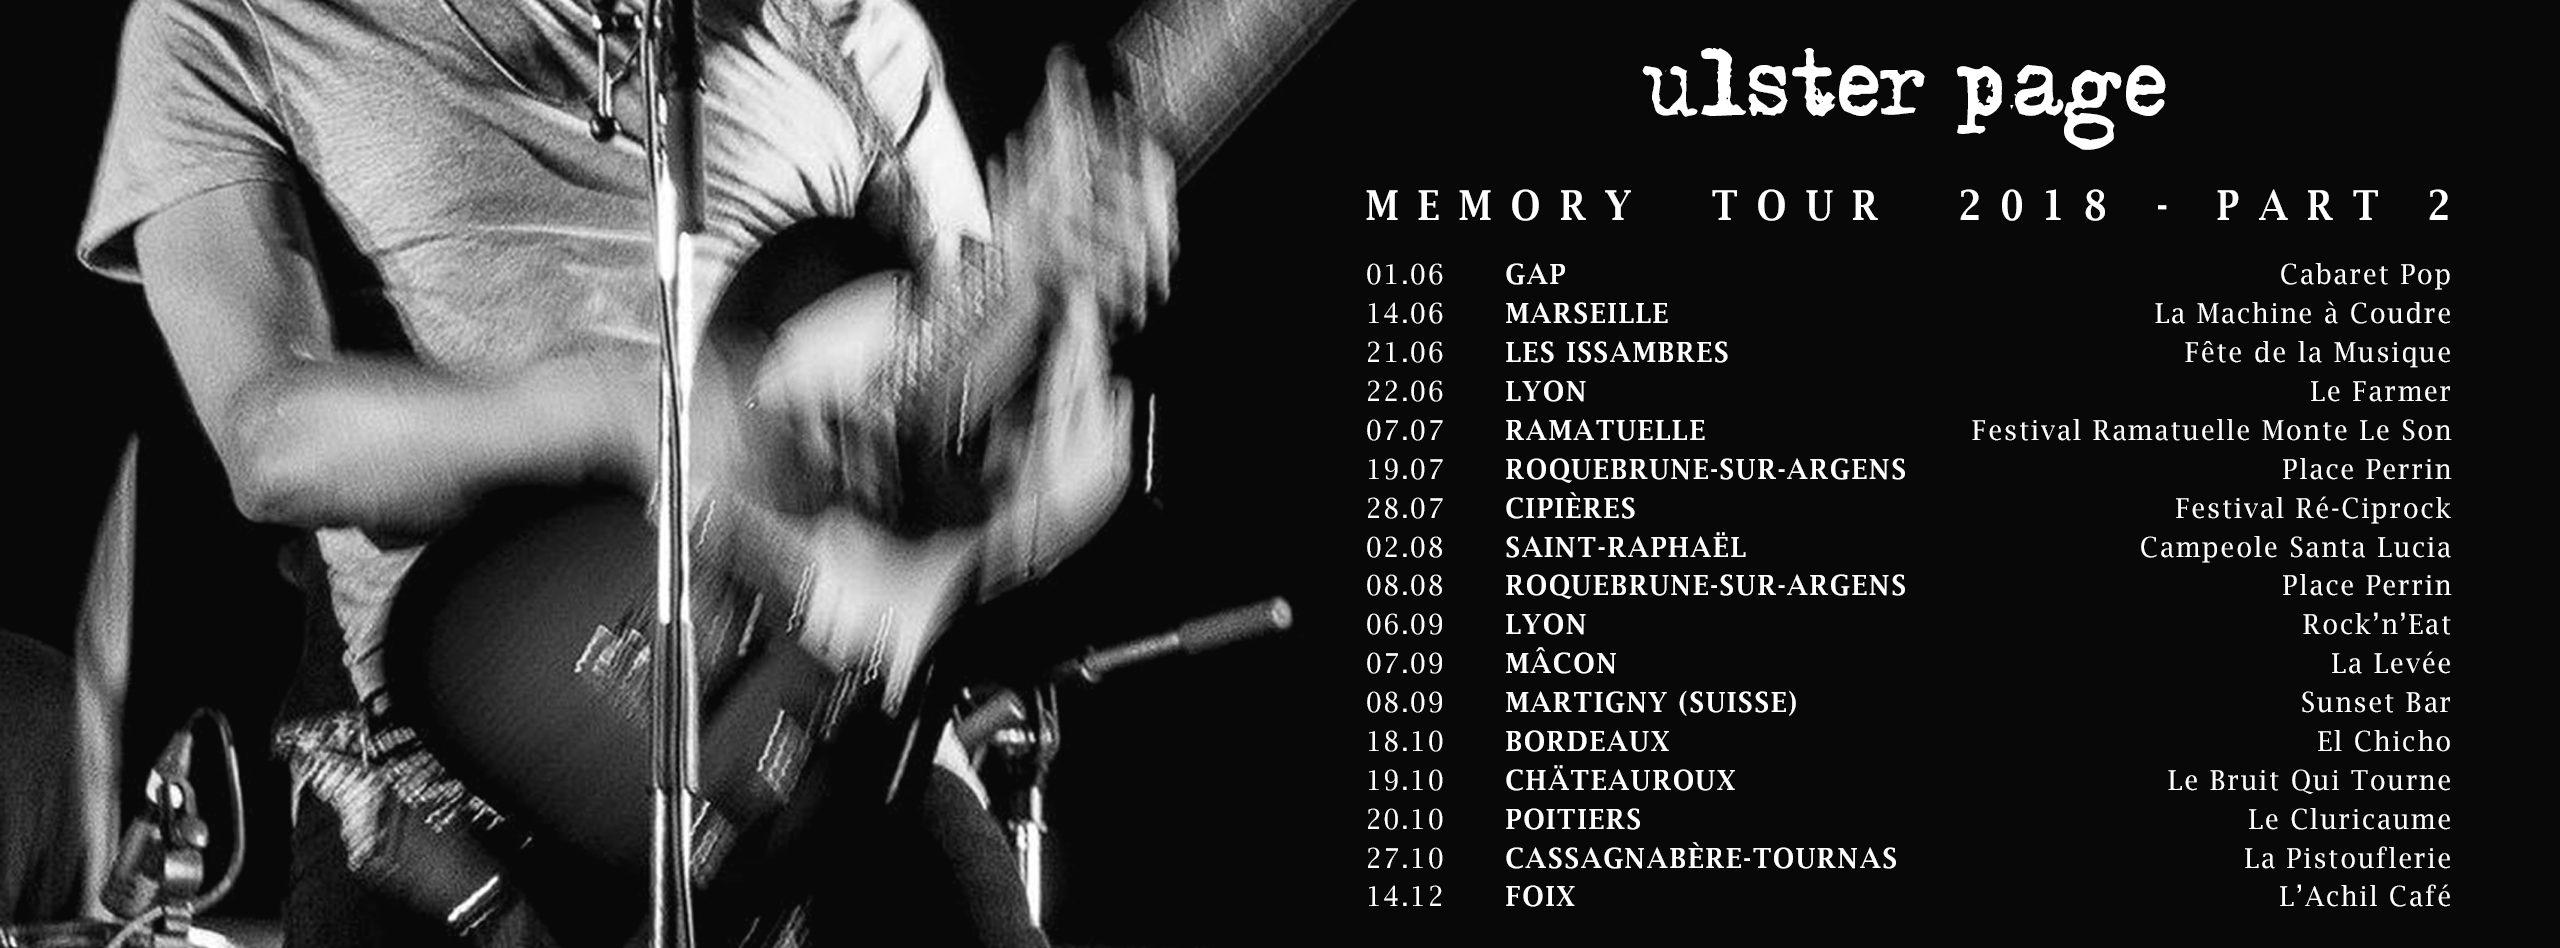 Bannière Facebook MEMORY TOUR 2018 PART 2 - Copie